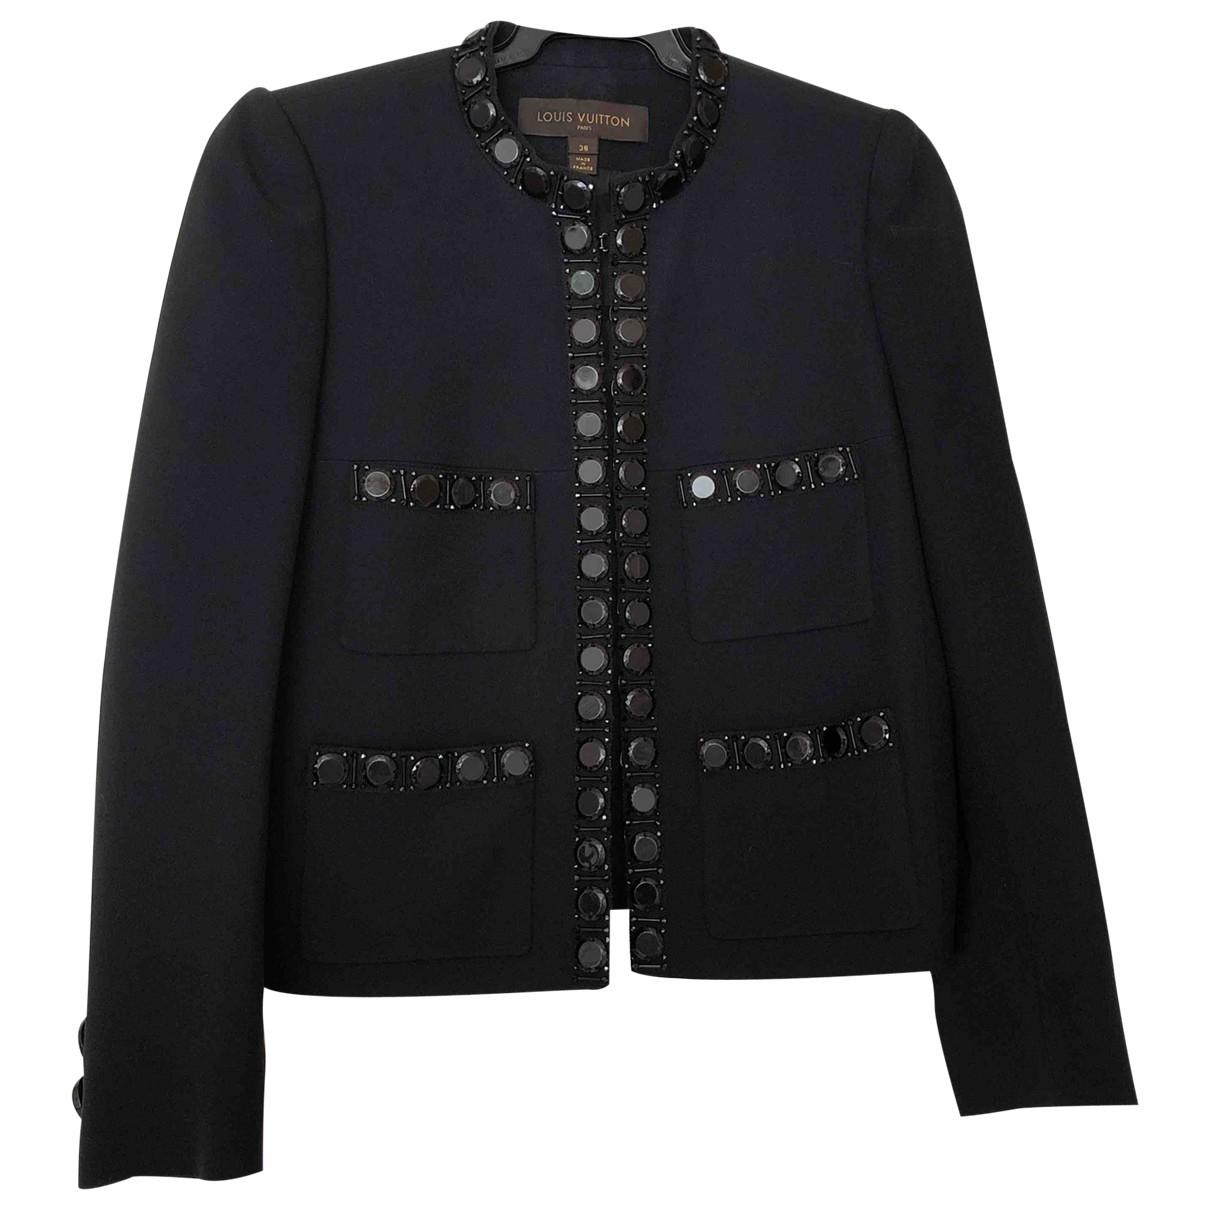 Louis Vuitton \N Jacke in  Schwarz Synthetik